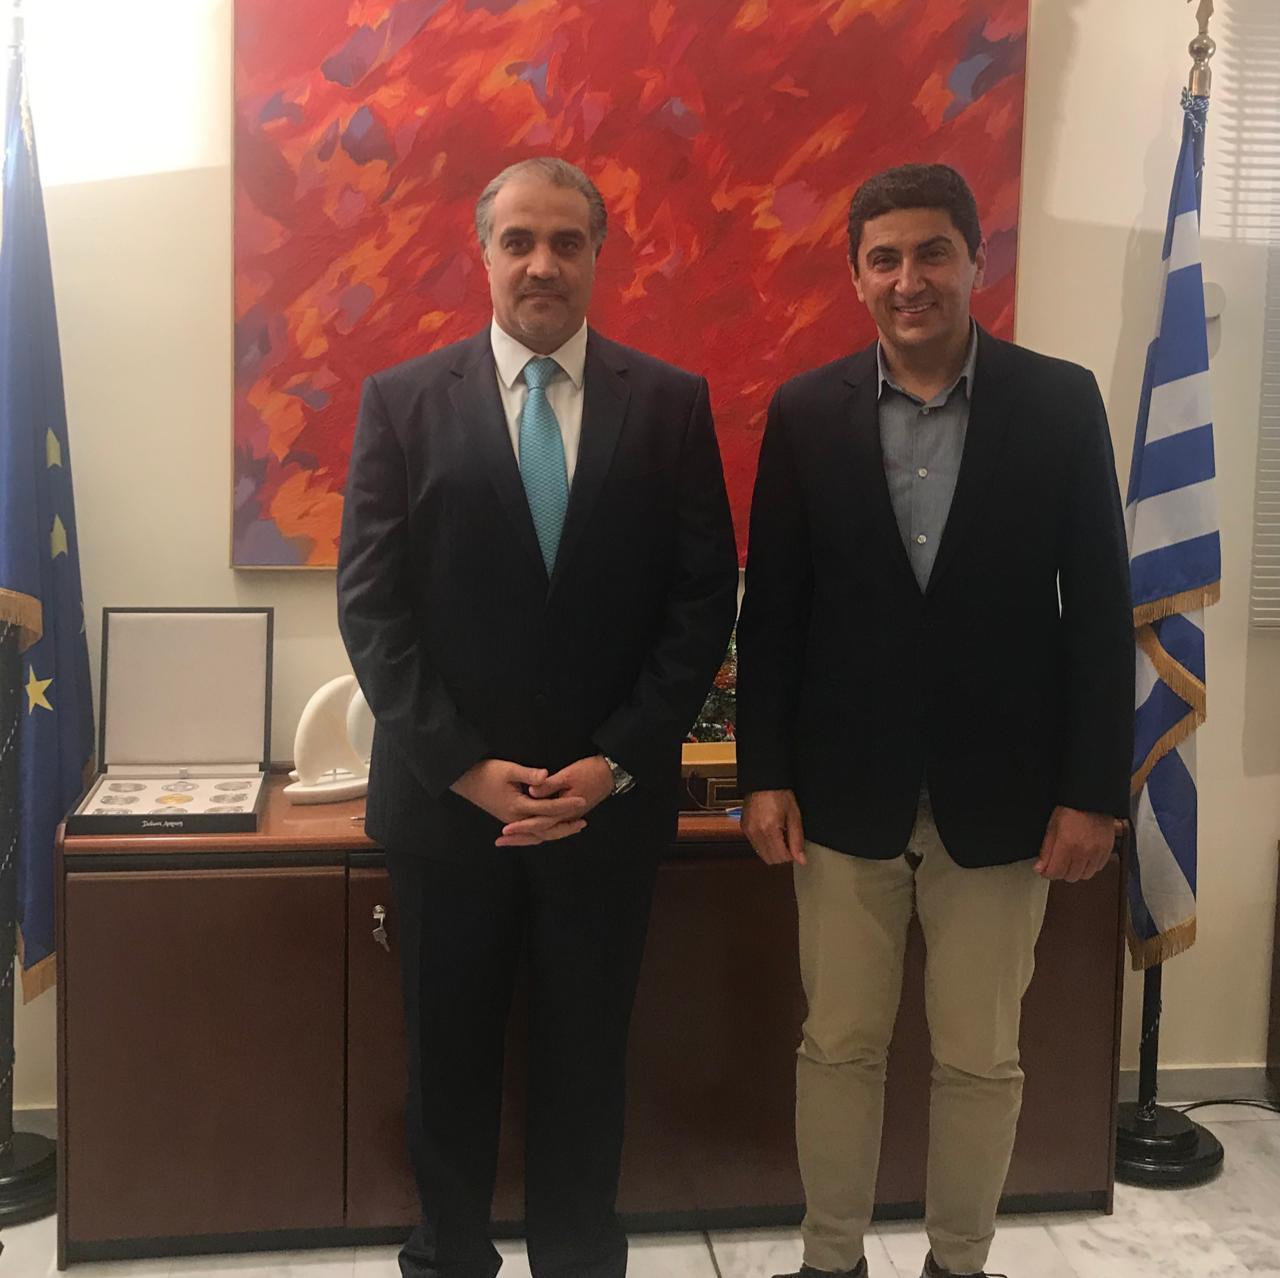 نائب وزير الثقافة والرياضة اليوناني يجتمع مع سفير دولة قطر